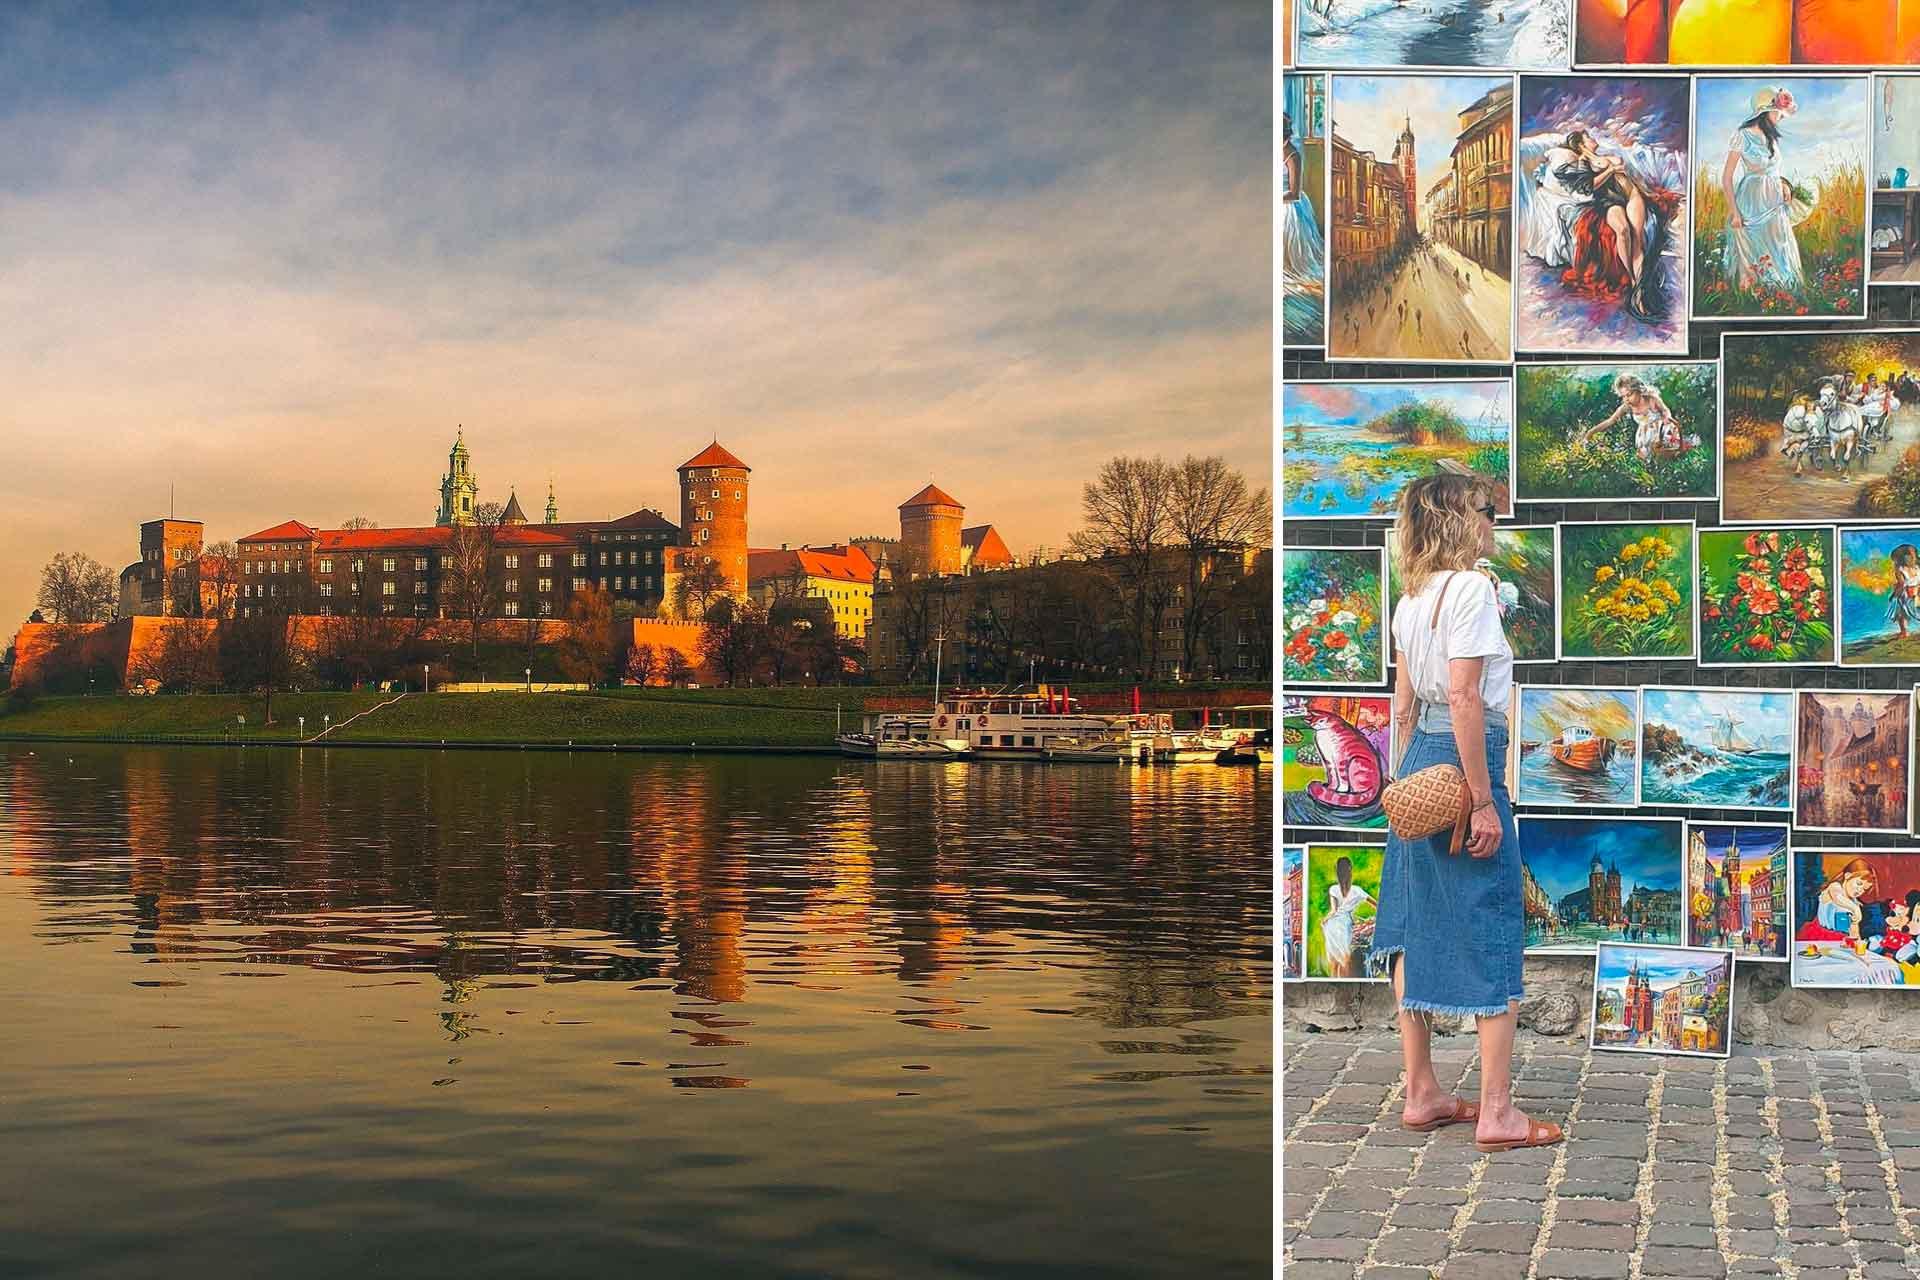 Andare A Cracovia? Ecco 3 Motivi Per Partire Subito